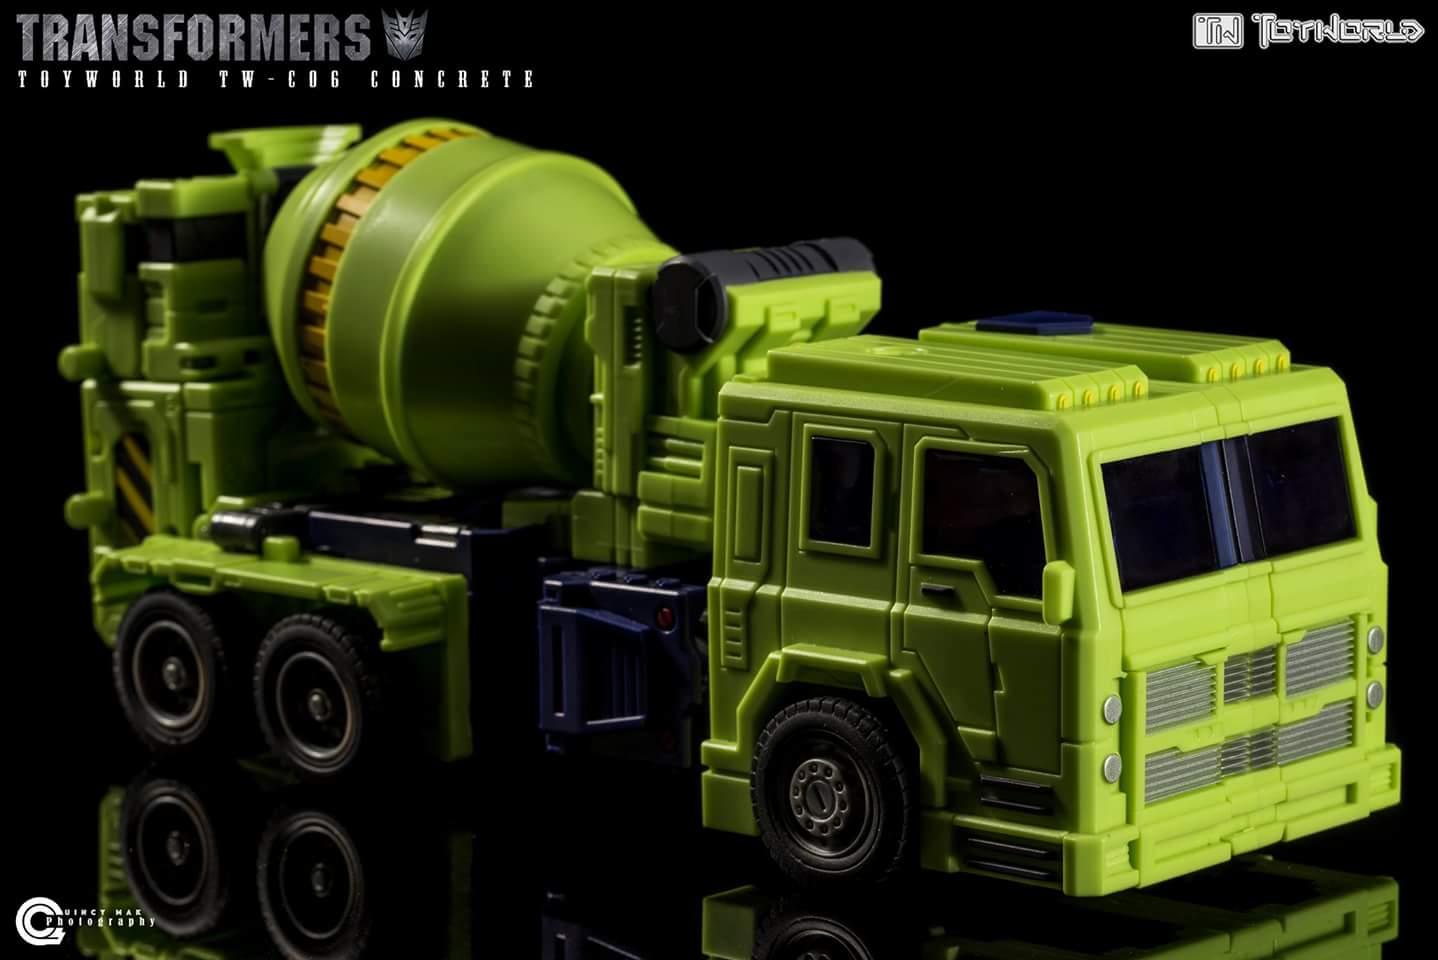 [Toyworld] Produit Tiers - Jouet TW-C Constructor aka Devastator/Dévastateur (Version vert G1 et jaune G2) - Page 4 2tcbx4rS